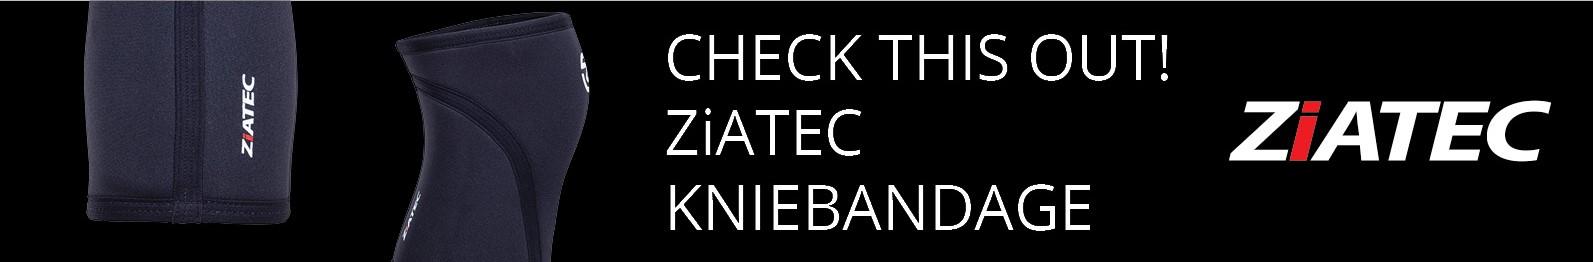 ZiATEC Kniebandage kaufen